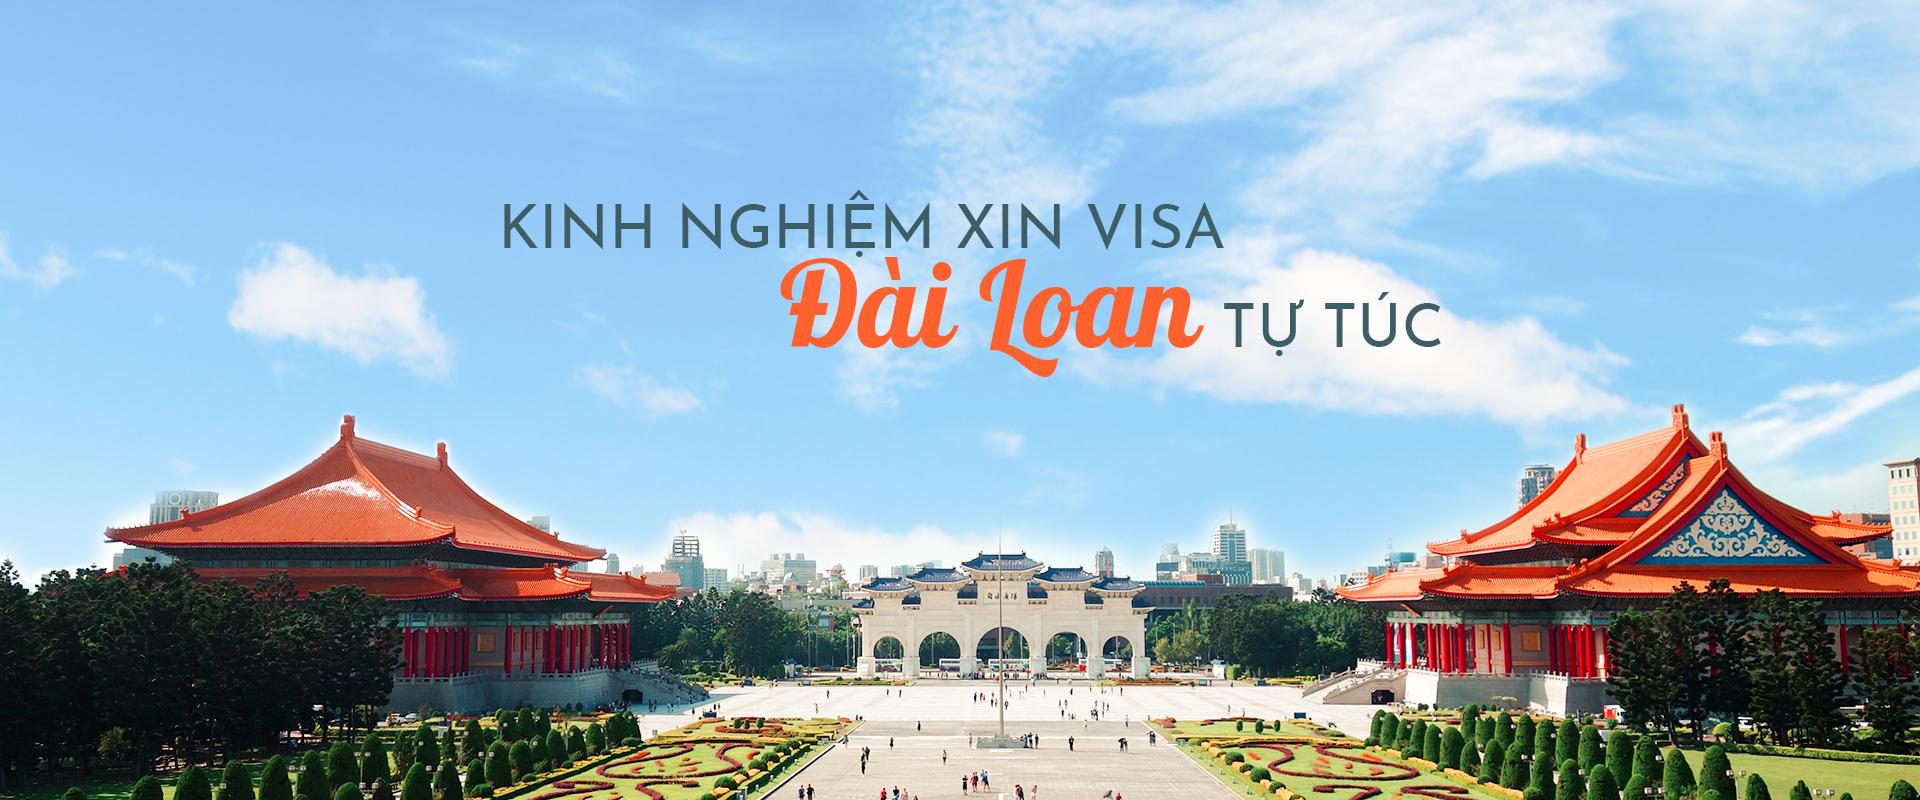 Kinh nghiệm xin visa Đài Loan tự túc